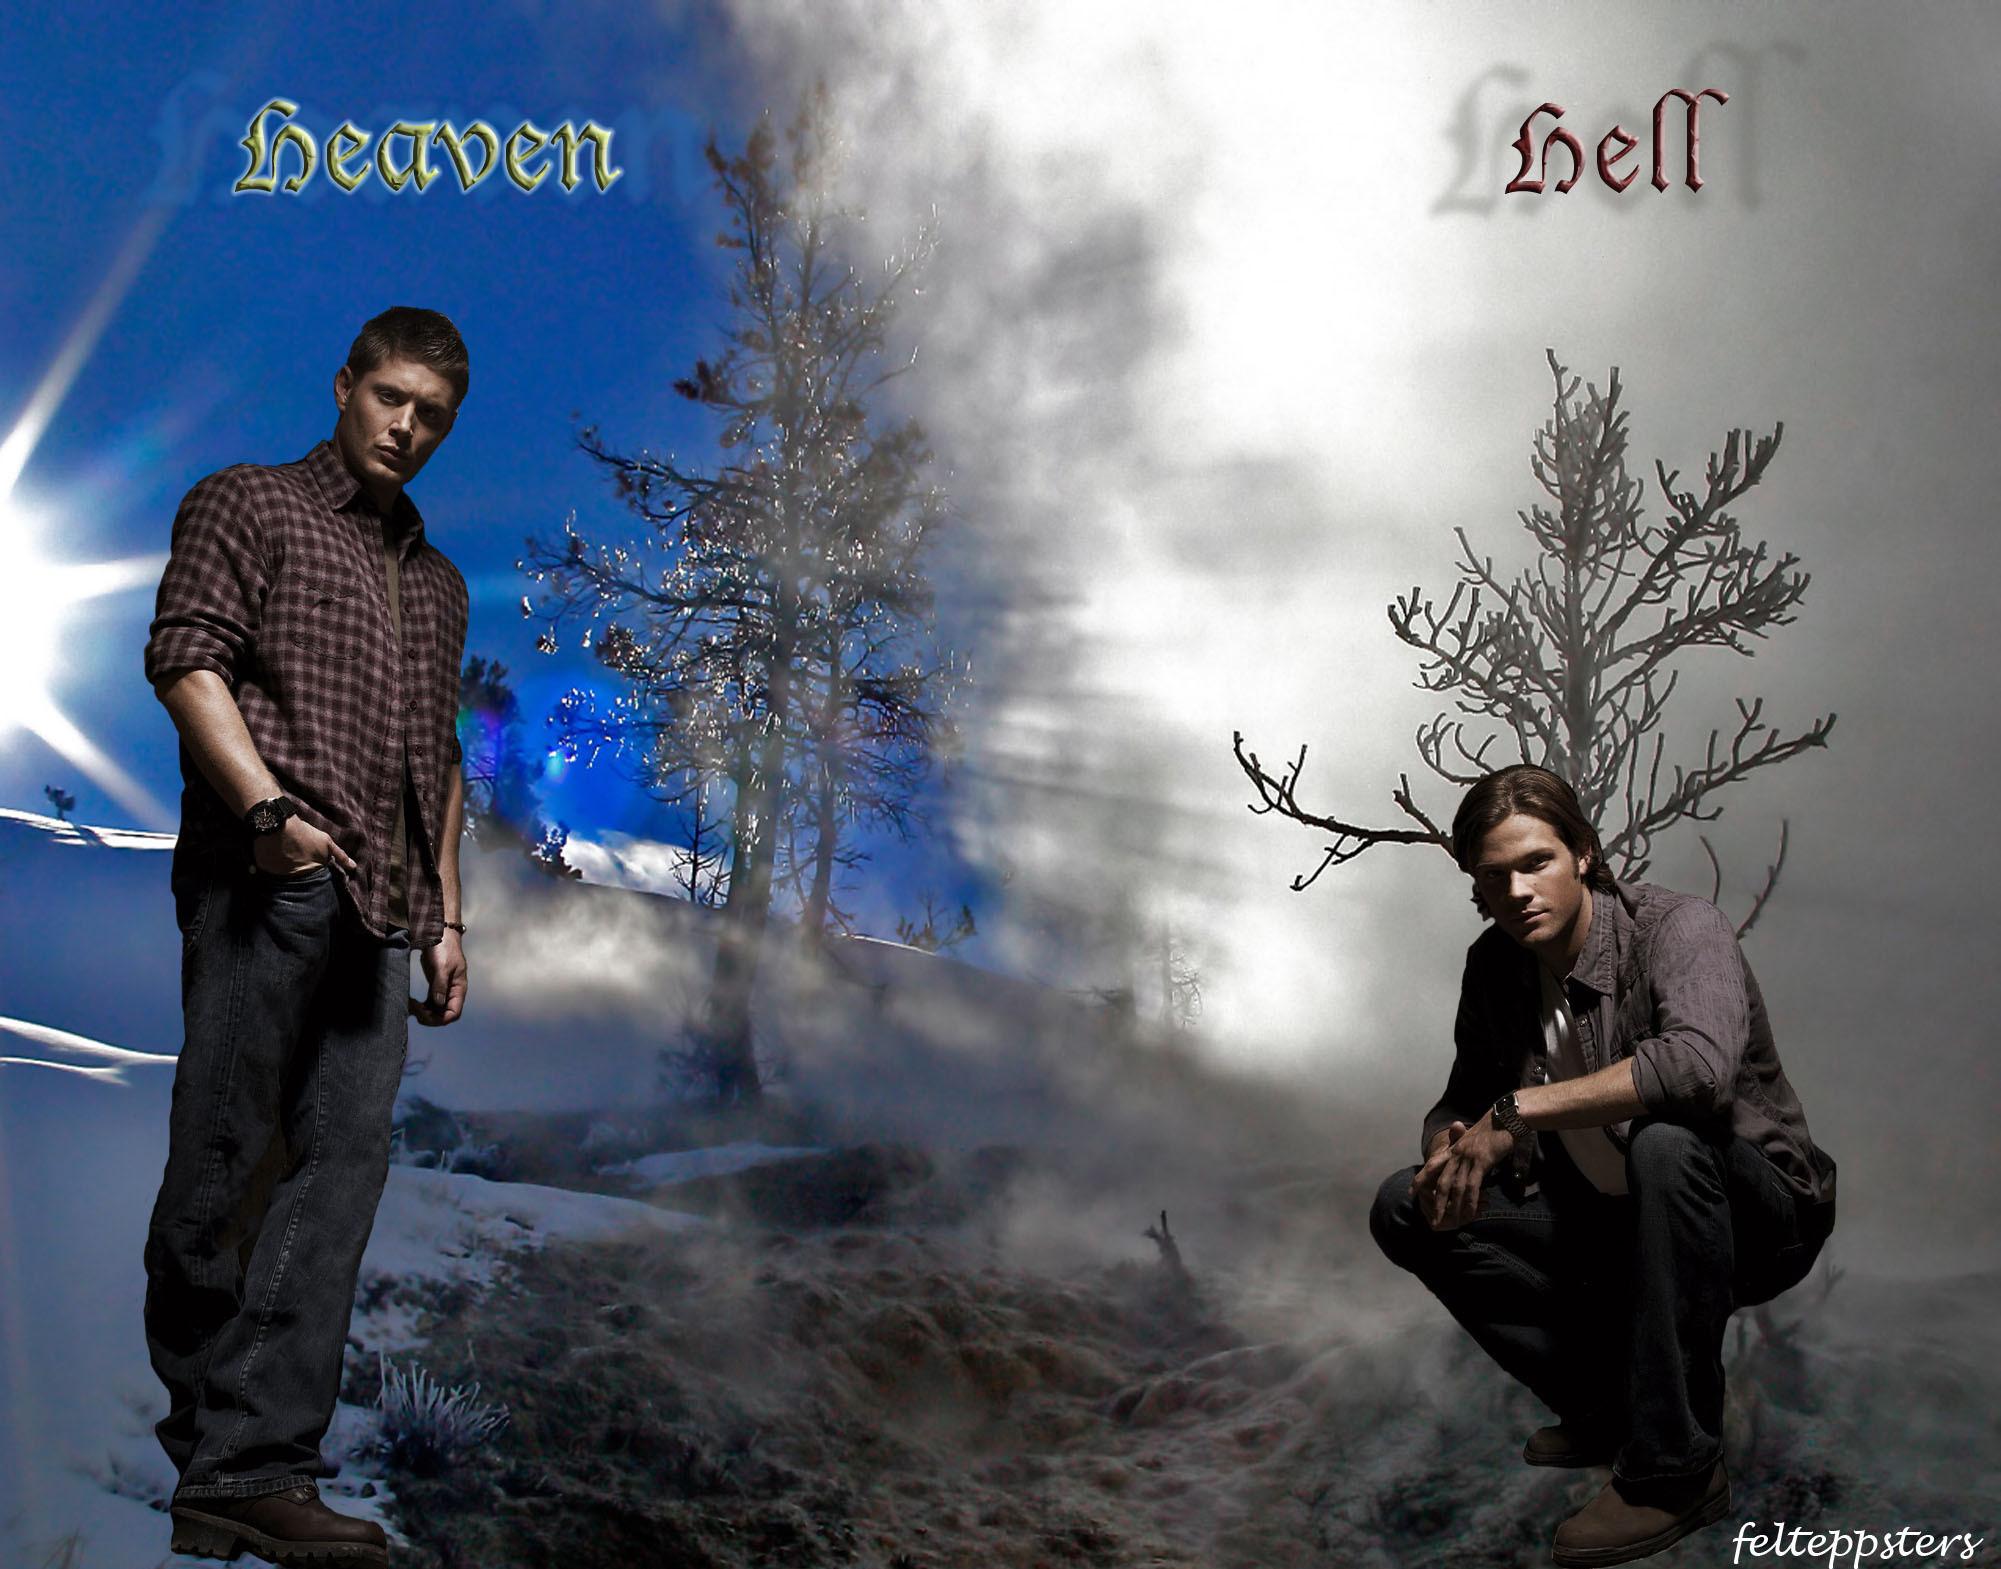 heaven vs hell war